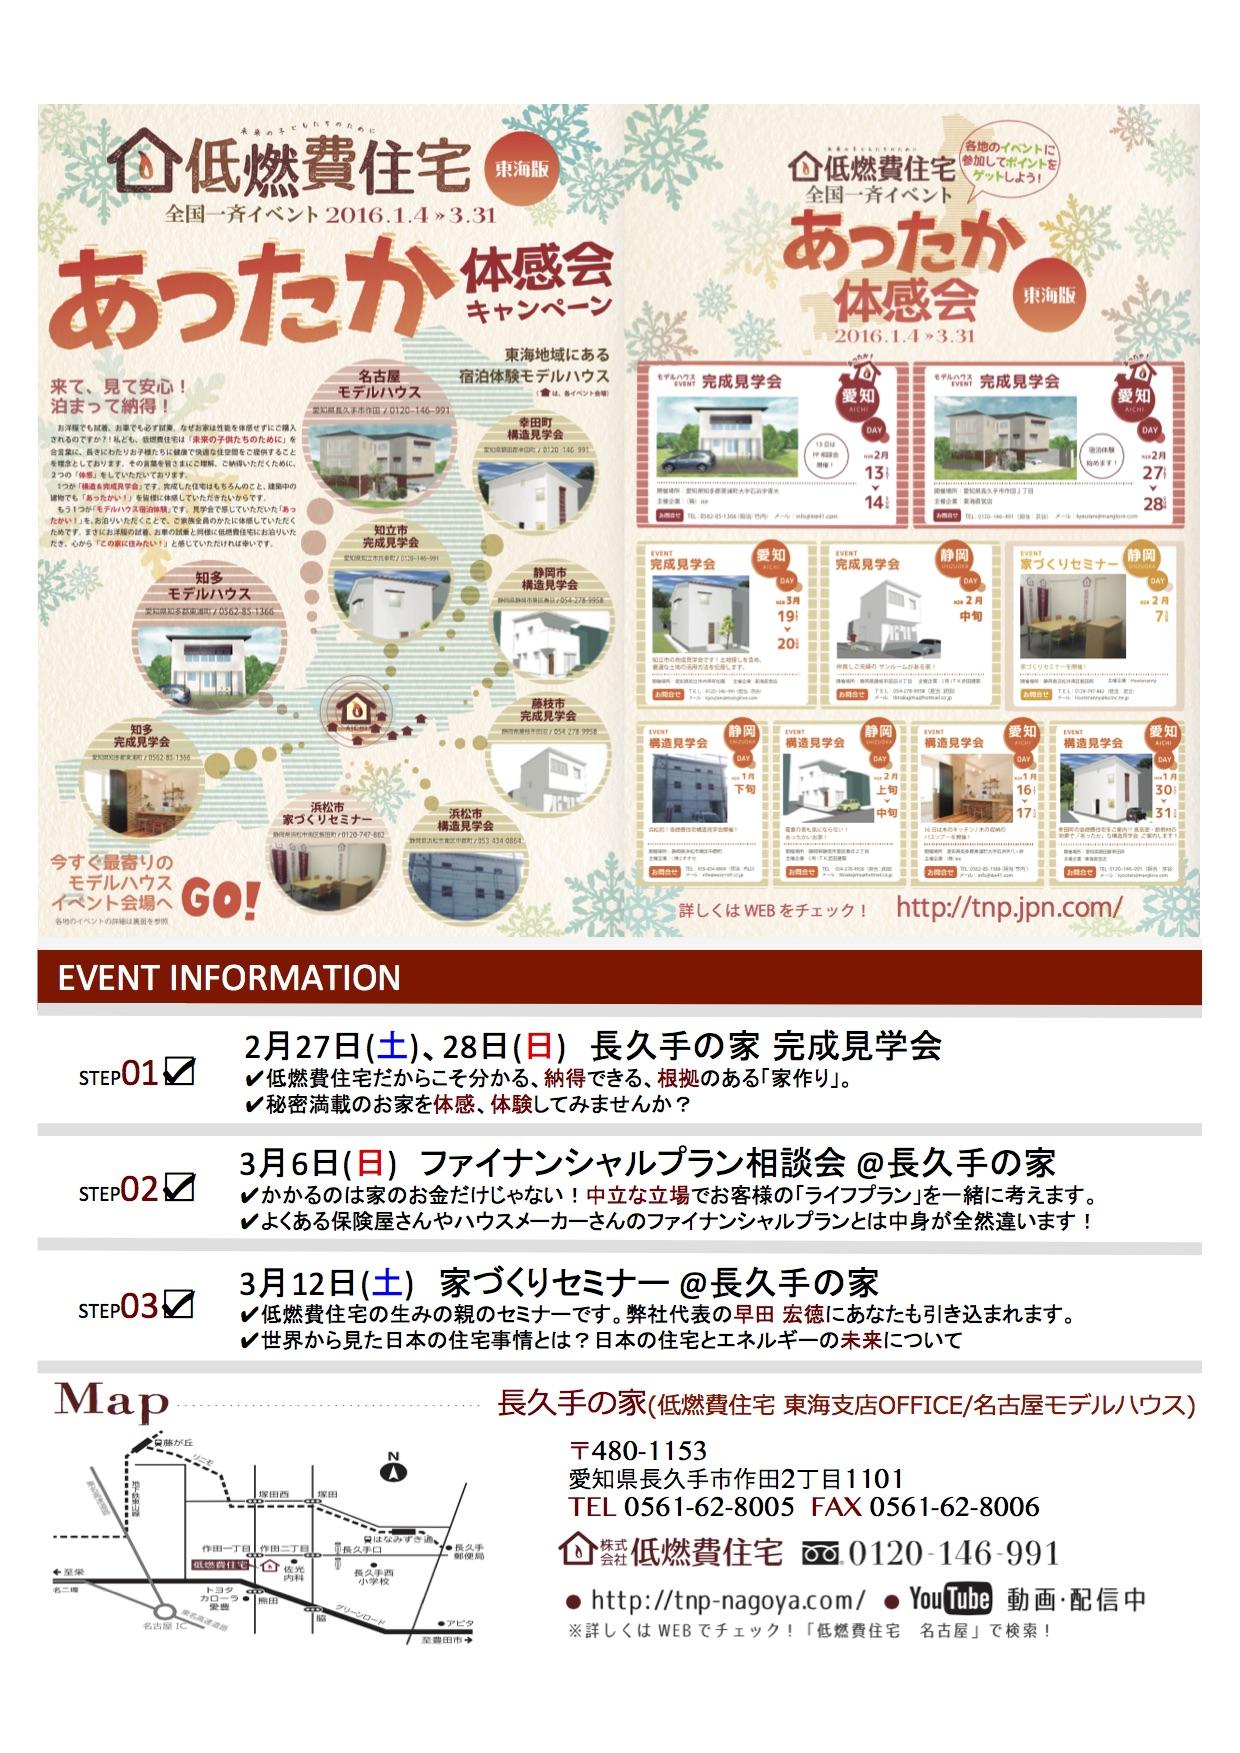 イベントステップアップチラシ(東海)